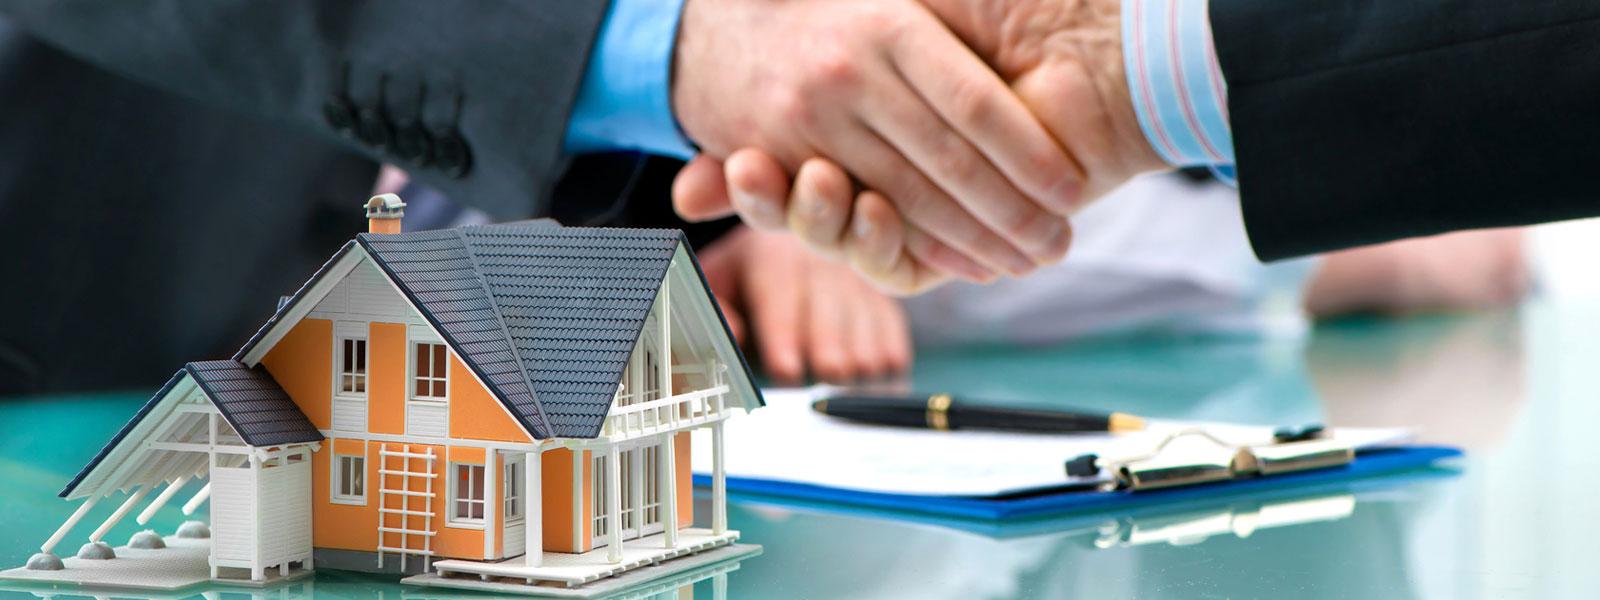 Immobilien Mitterer - Käufer finden